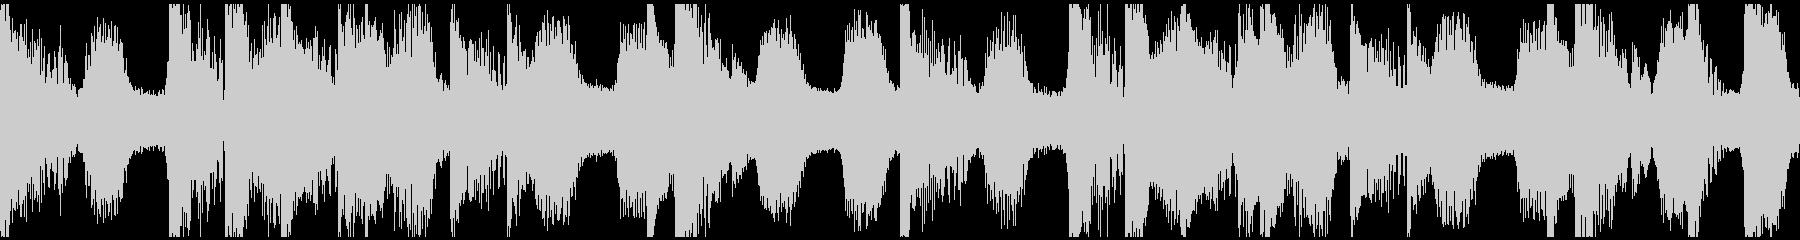 Dubstep bpm140Loopの未再生の波形